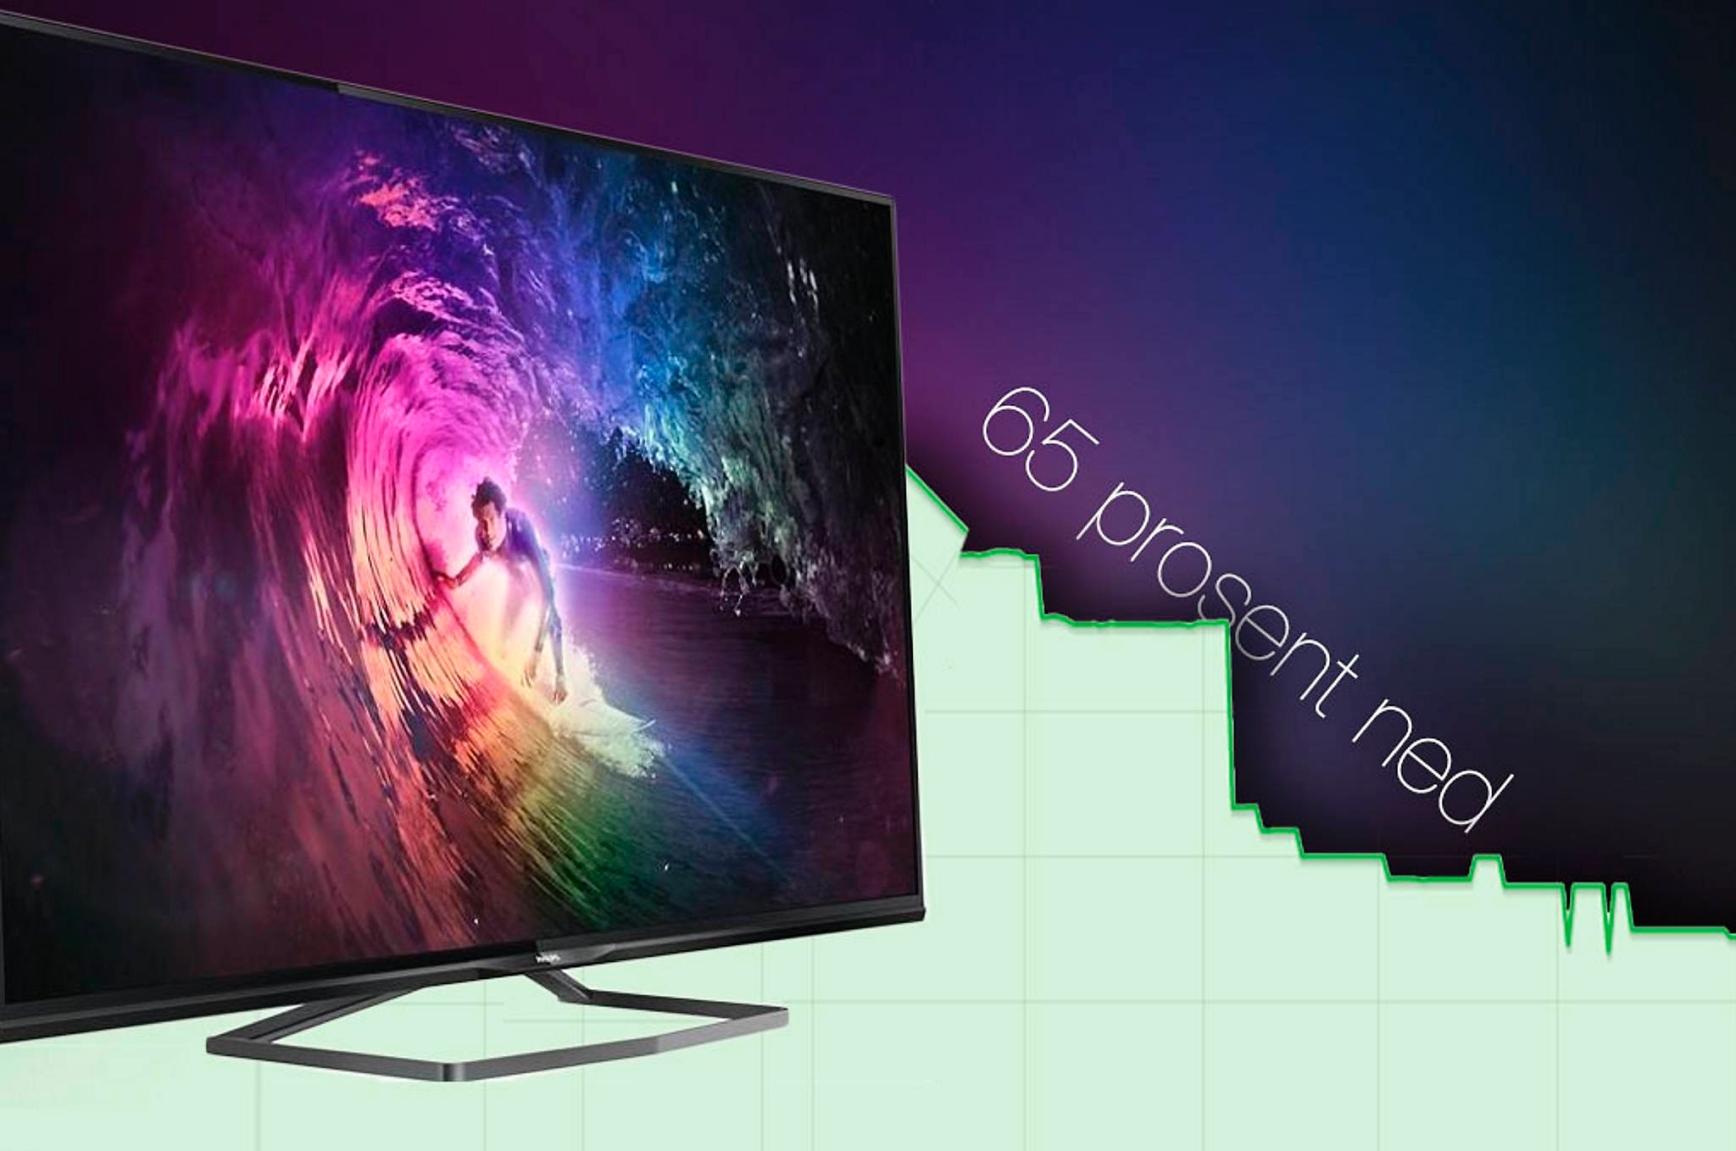 TV-PRIS